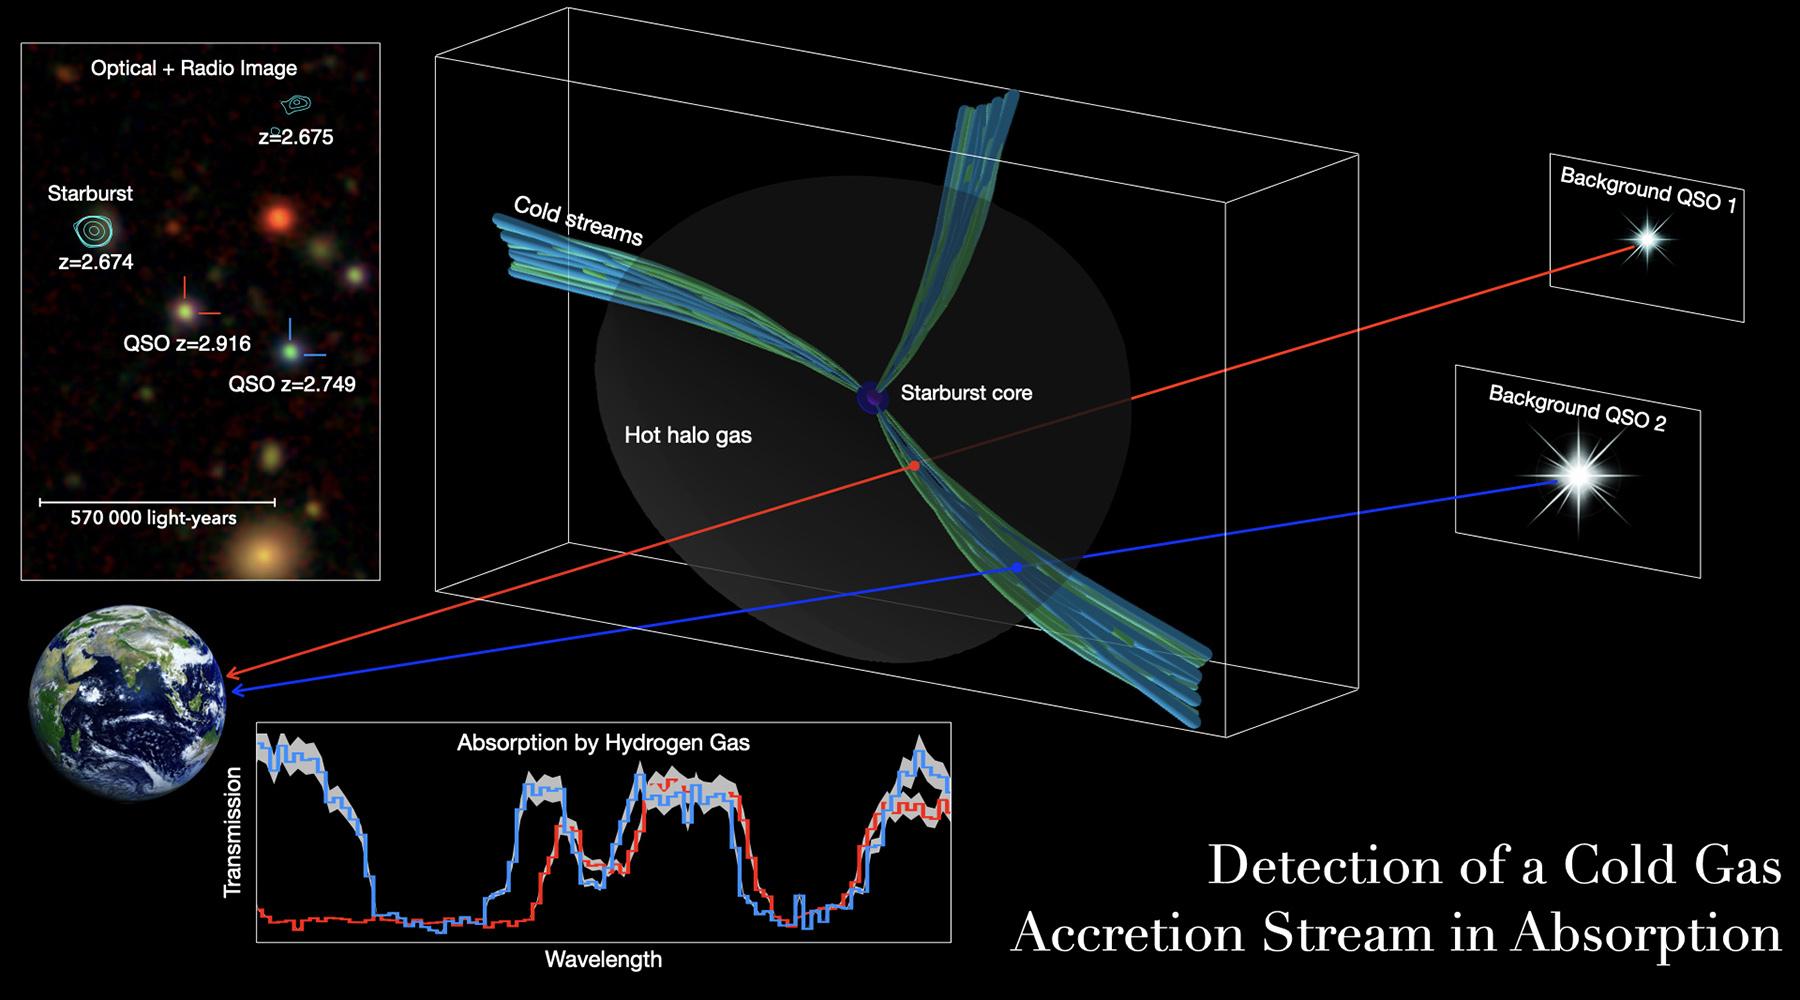 Вселенский трубопровод: как астрономы обнаружили питавший массивную галактику поток холодного газа